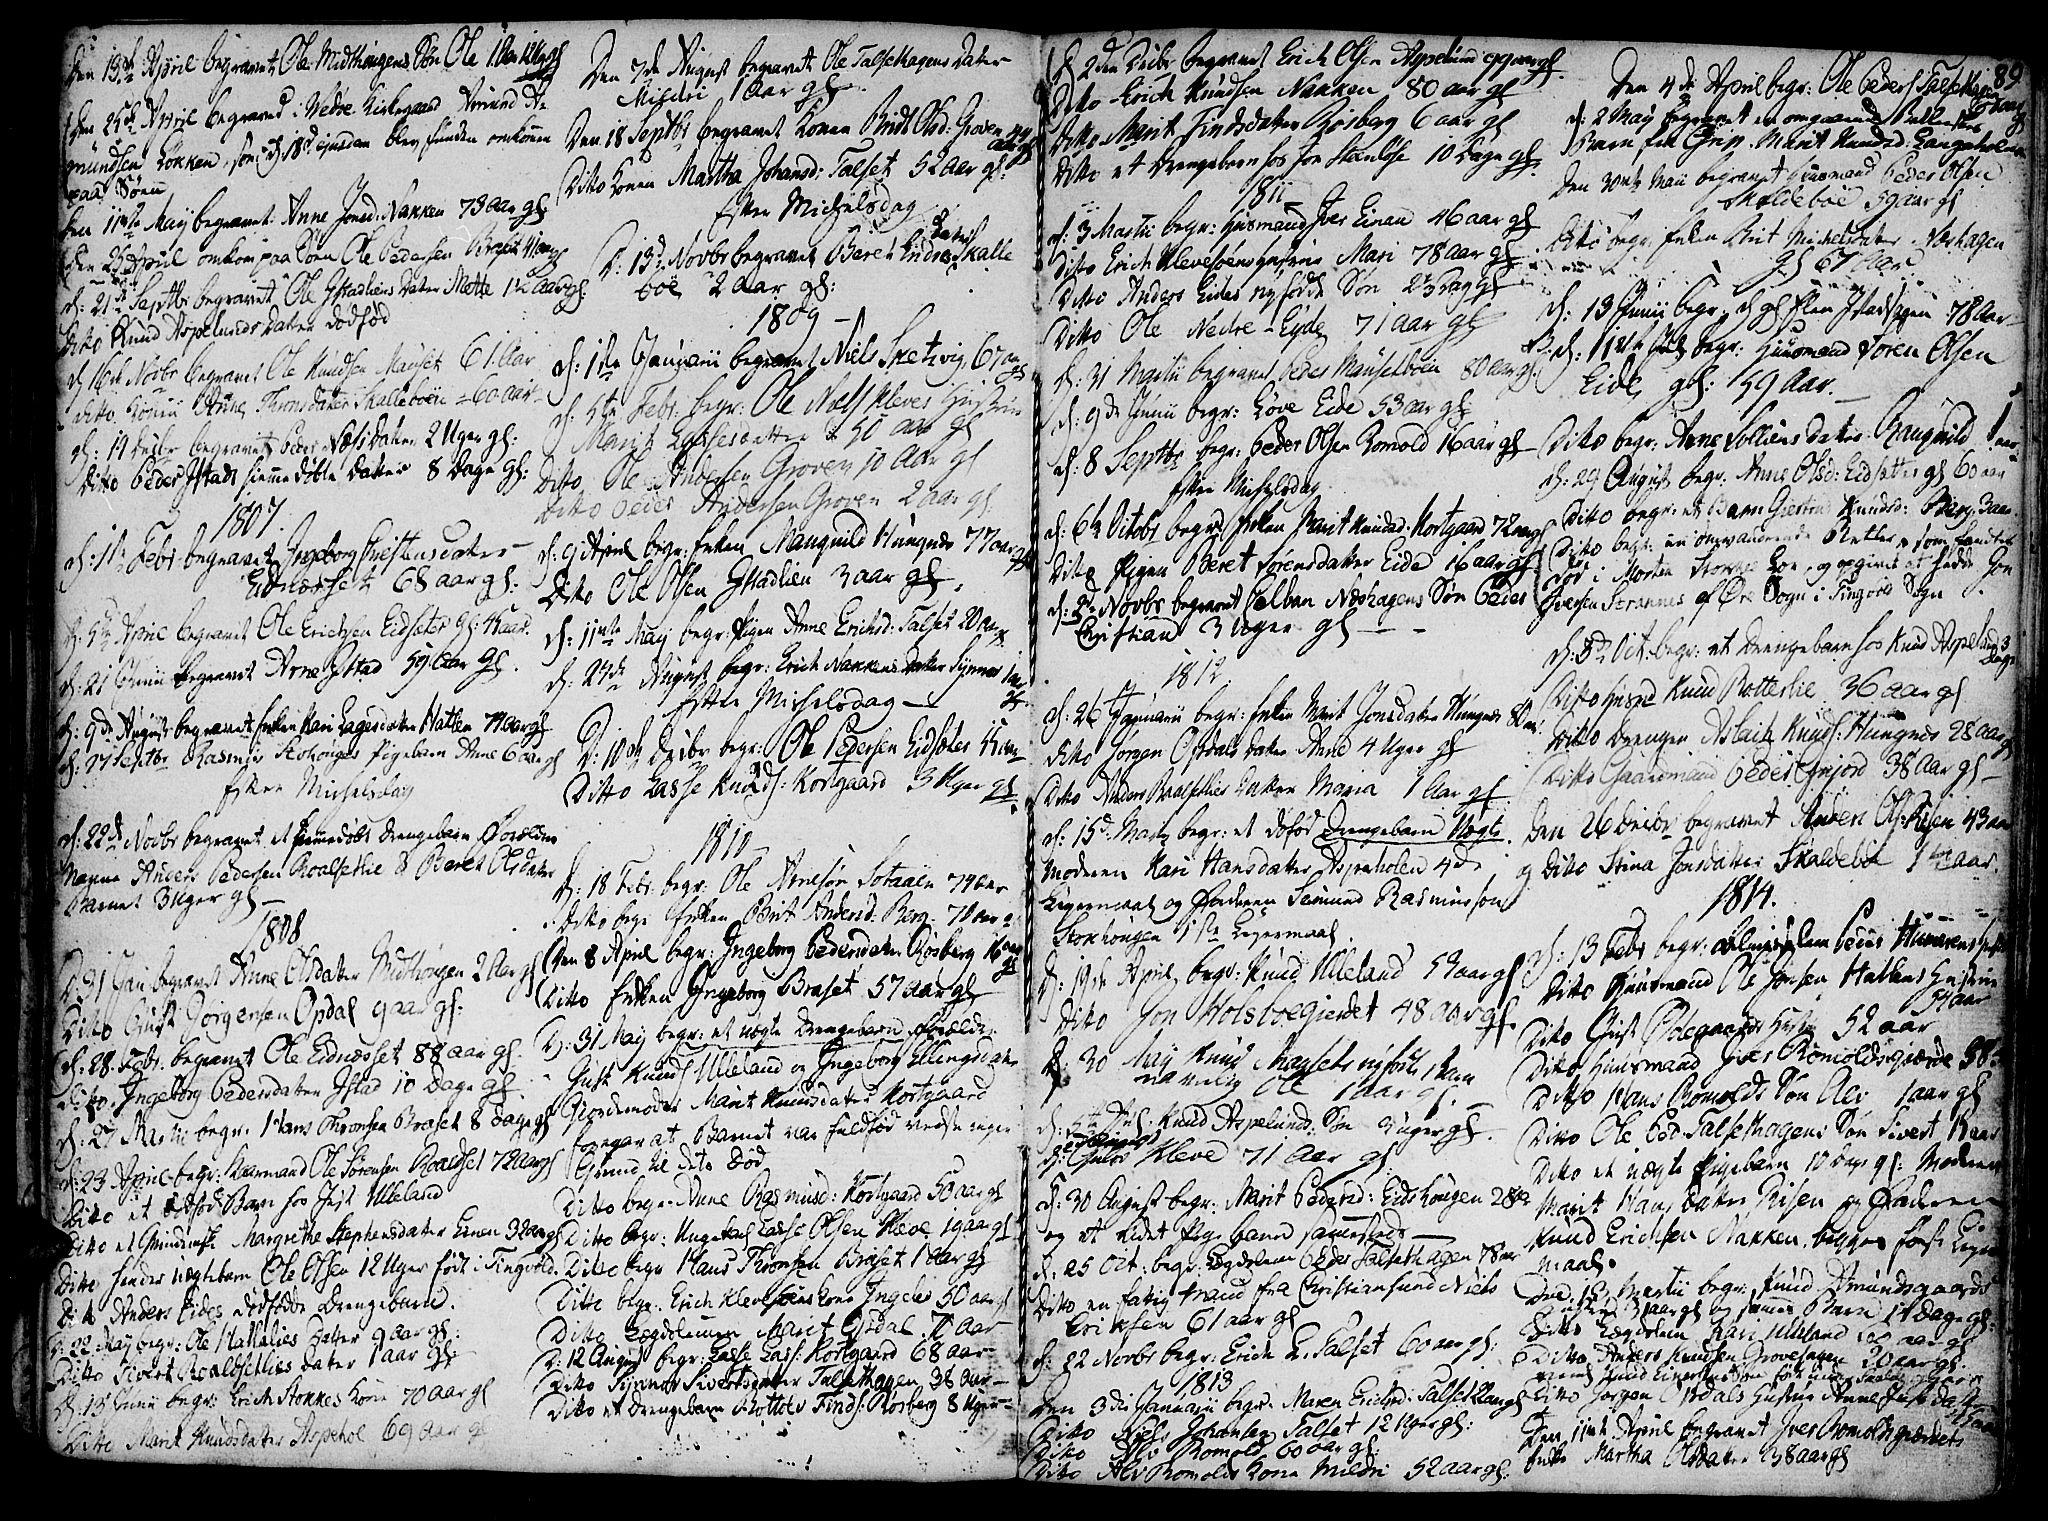 SAT, Ministerialprotokoller, klokkerbøker og fødselsregistre - Møre og Romsdal, 555/L0650: Ministerialbok nr. 555A02 /2, 1798-1821, s. 89